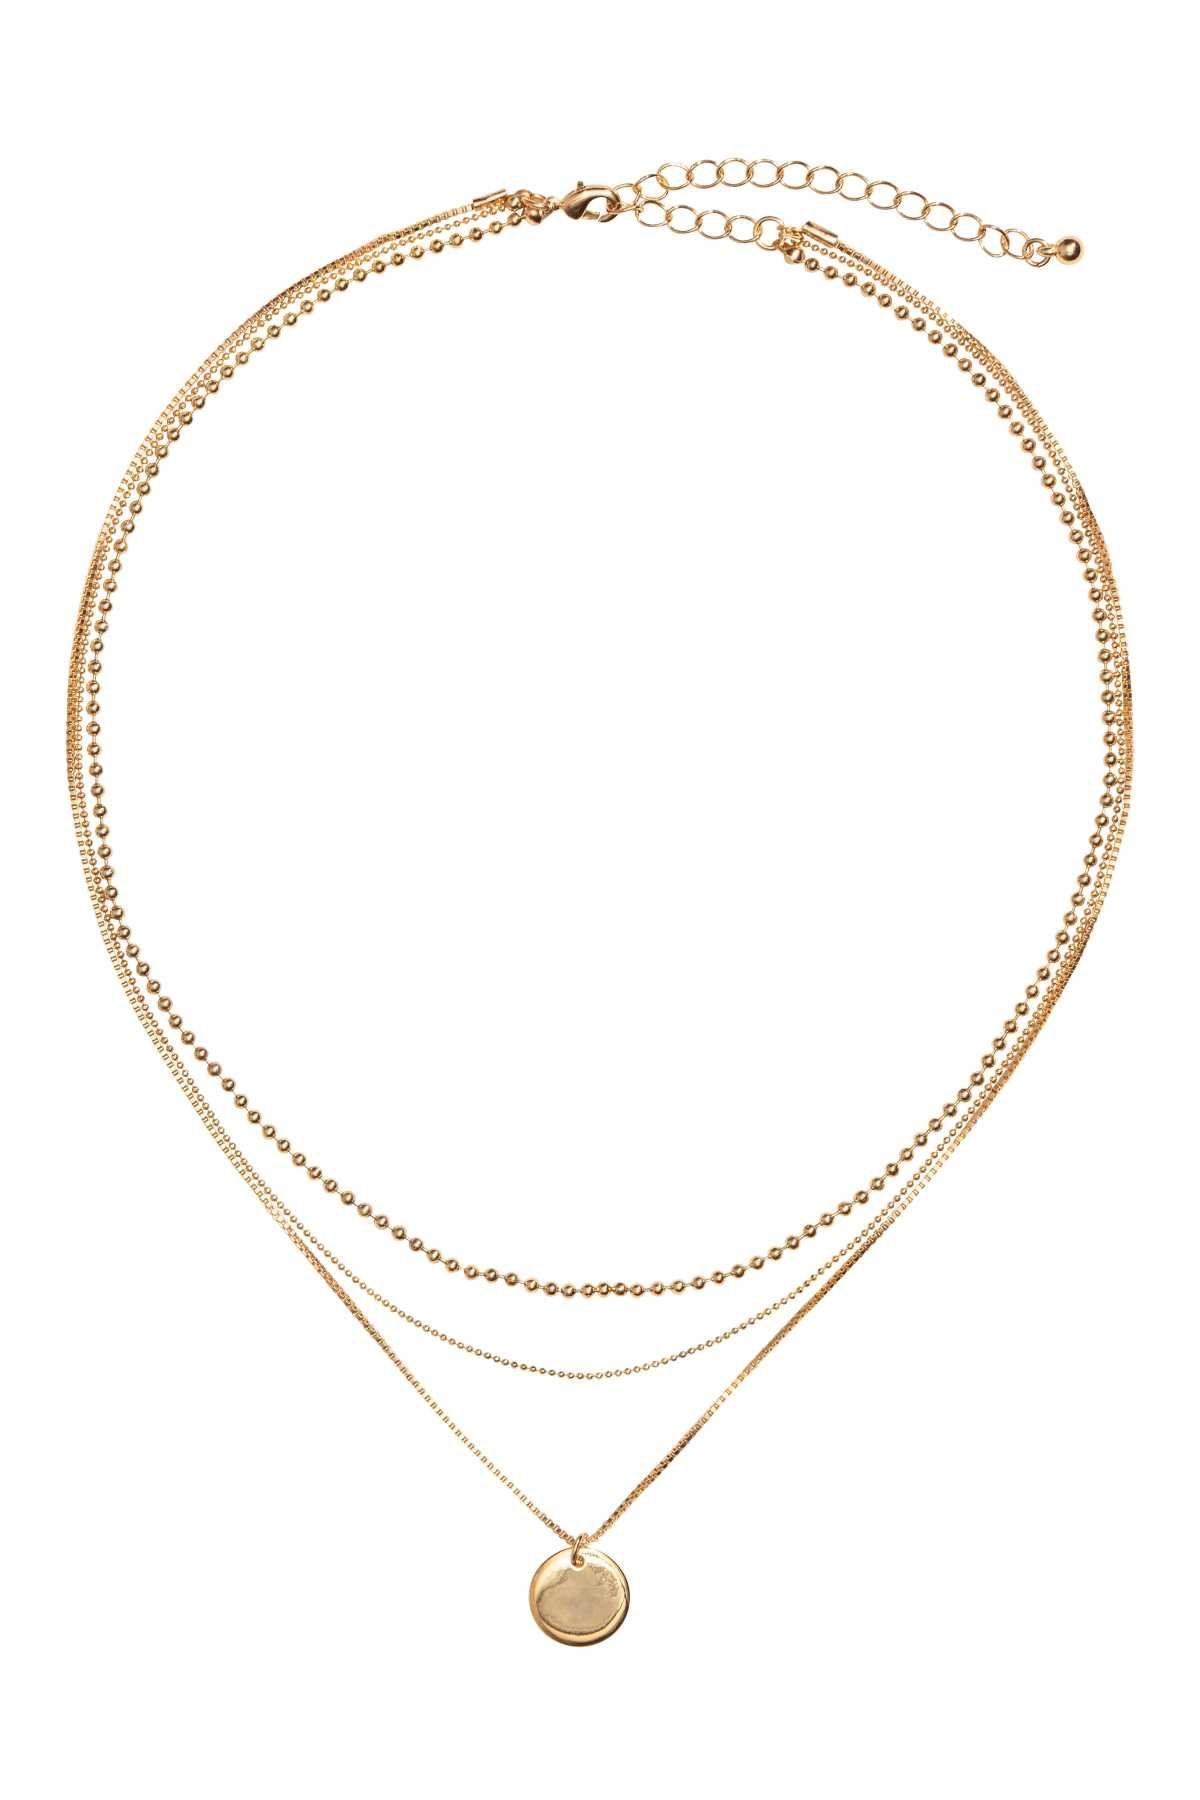 77f341524875 Collar corto de tres vueltas con cadenas de metal distintas. La cadena más  larga incluye un colgante redondo. Largo ajustable 42-49 cm.